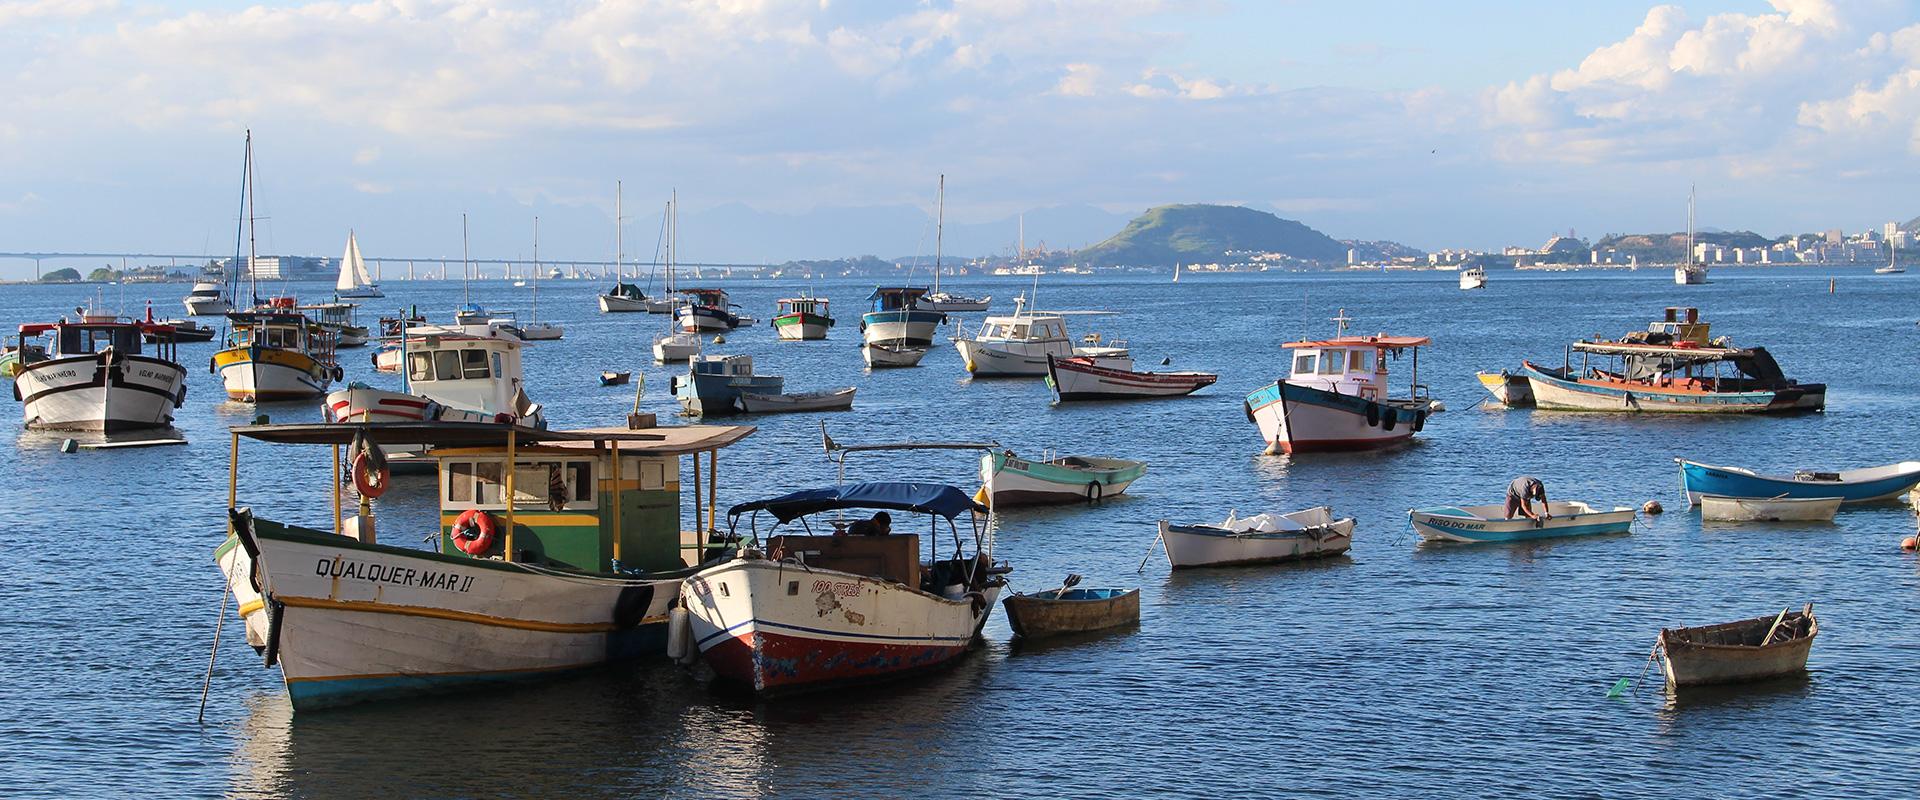 Marina da Gloria view in Rio de Janeiro. Explore Rio de Janeiro,.